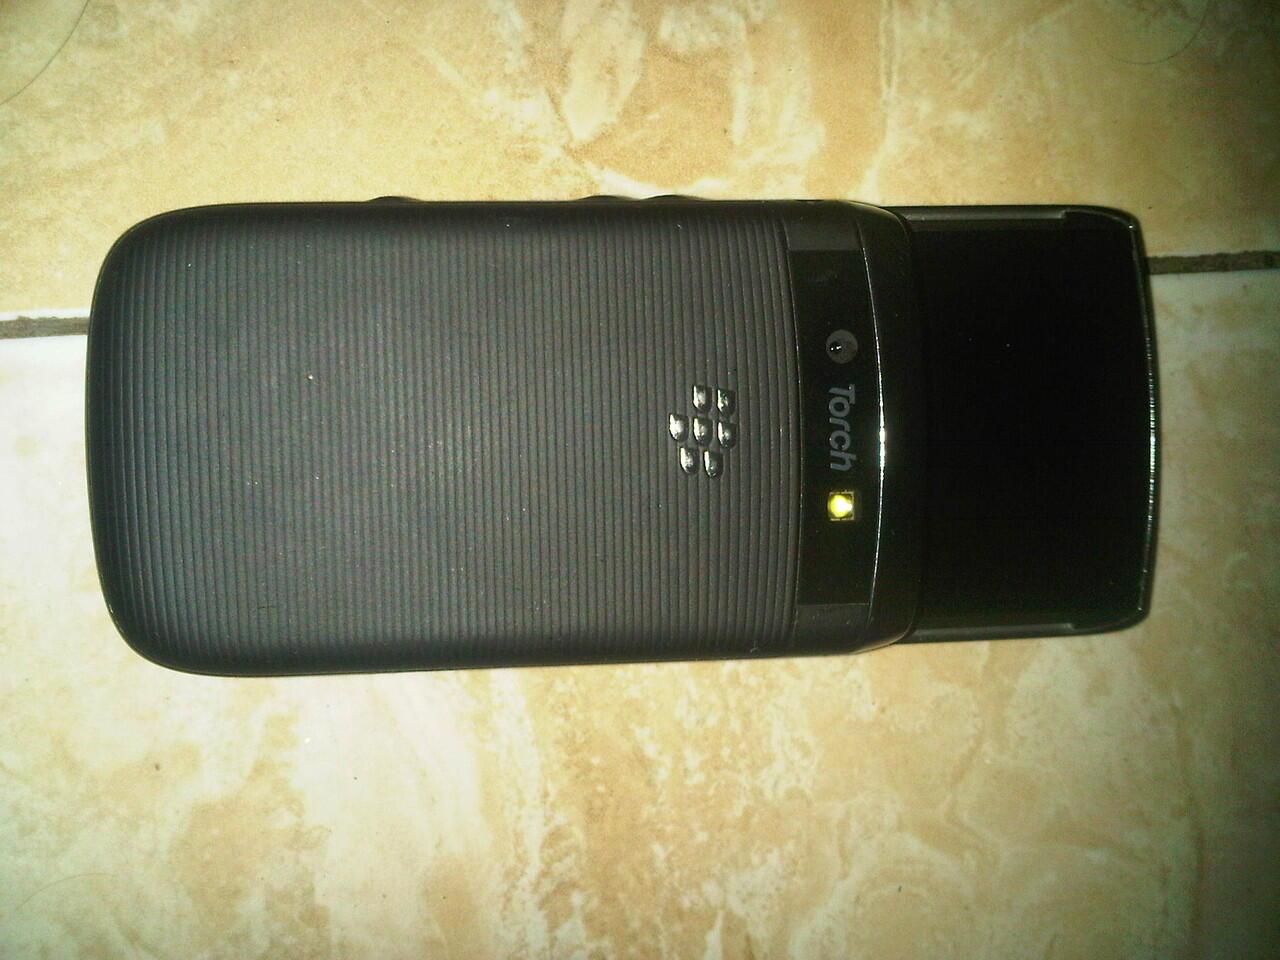 bb torch 9800 black garansi panjang